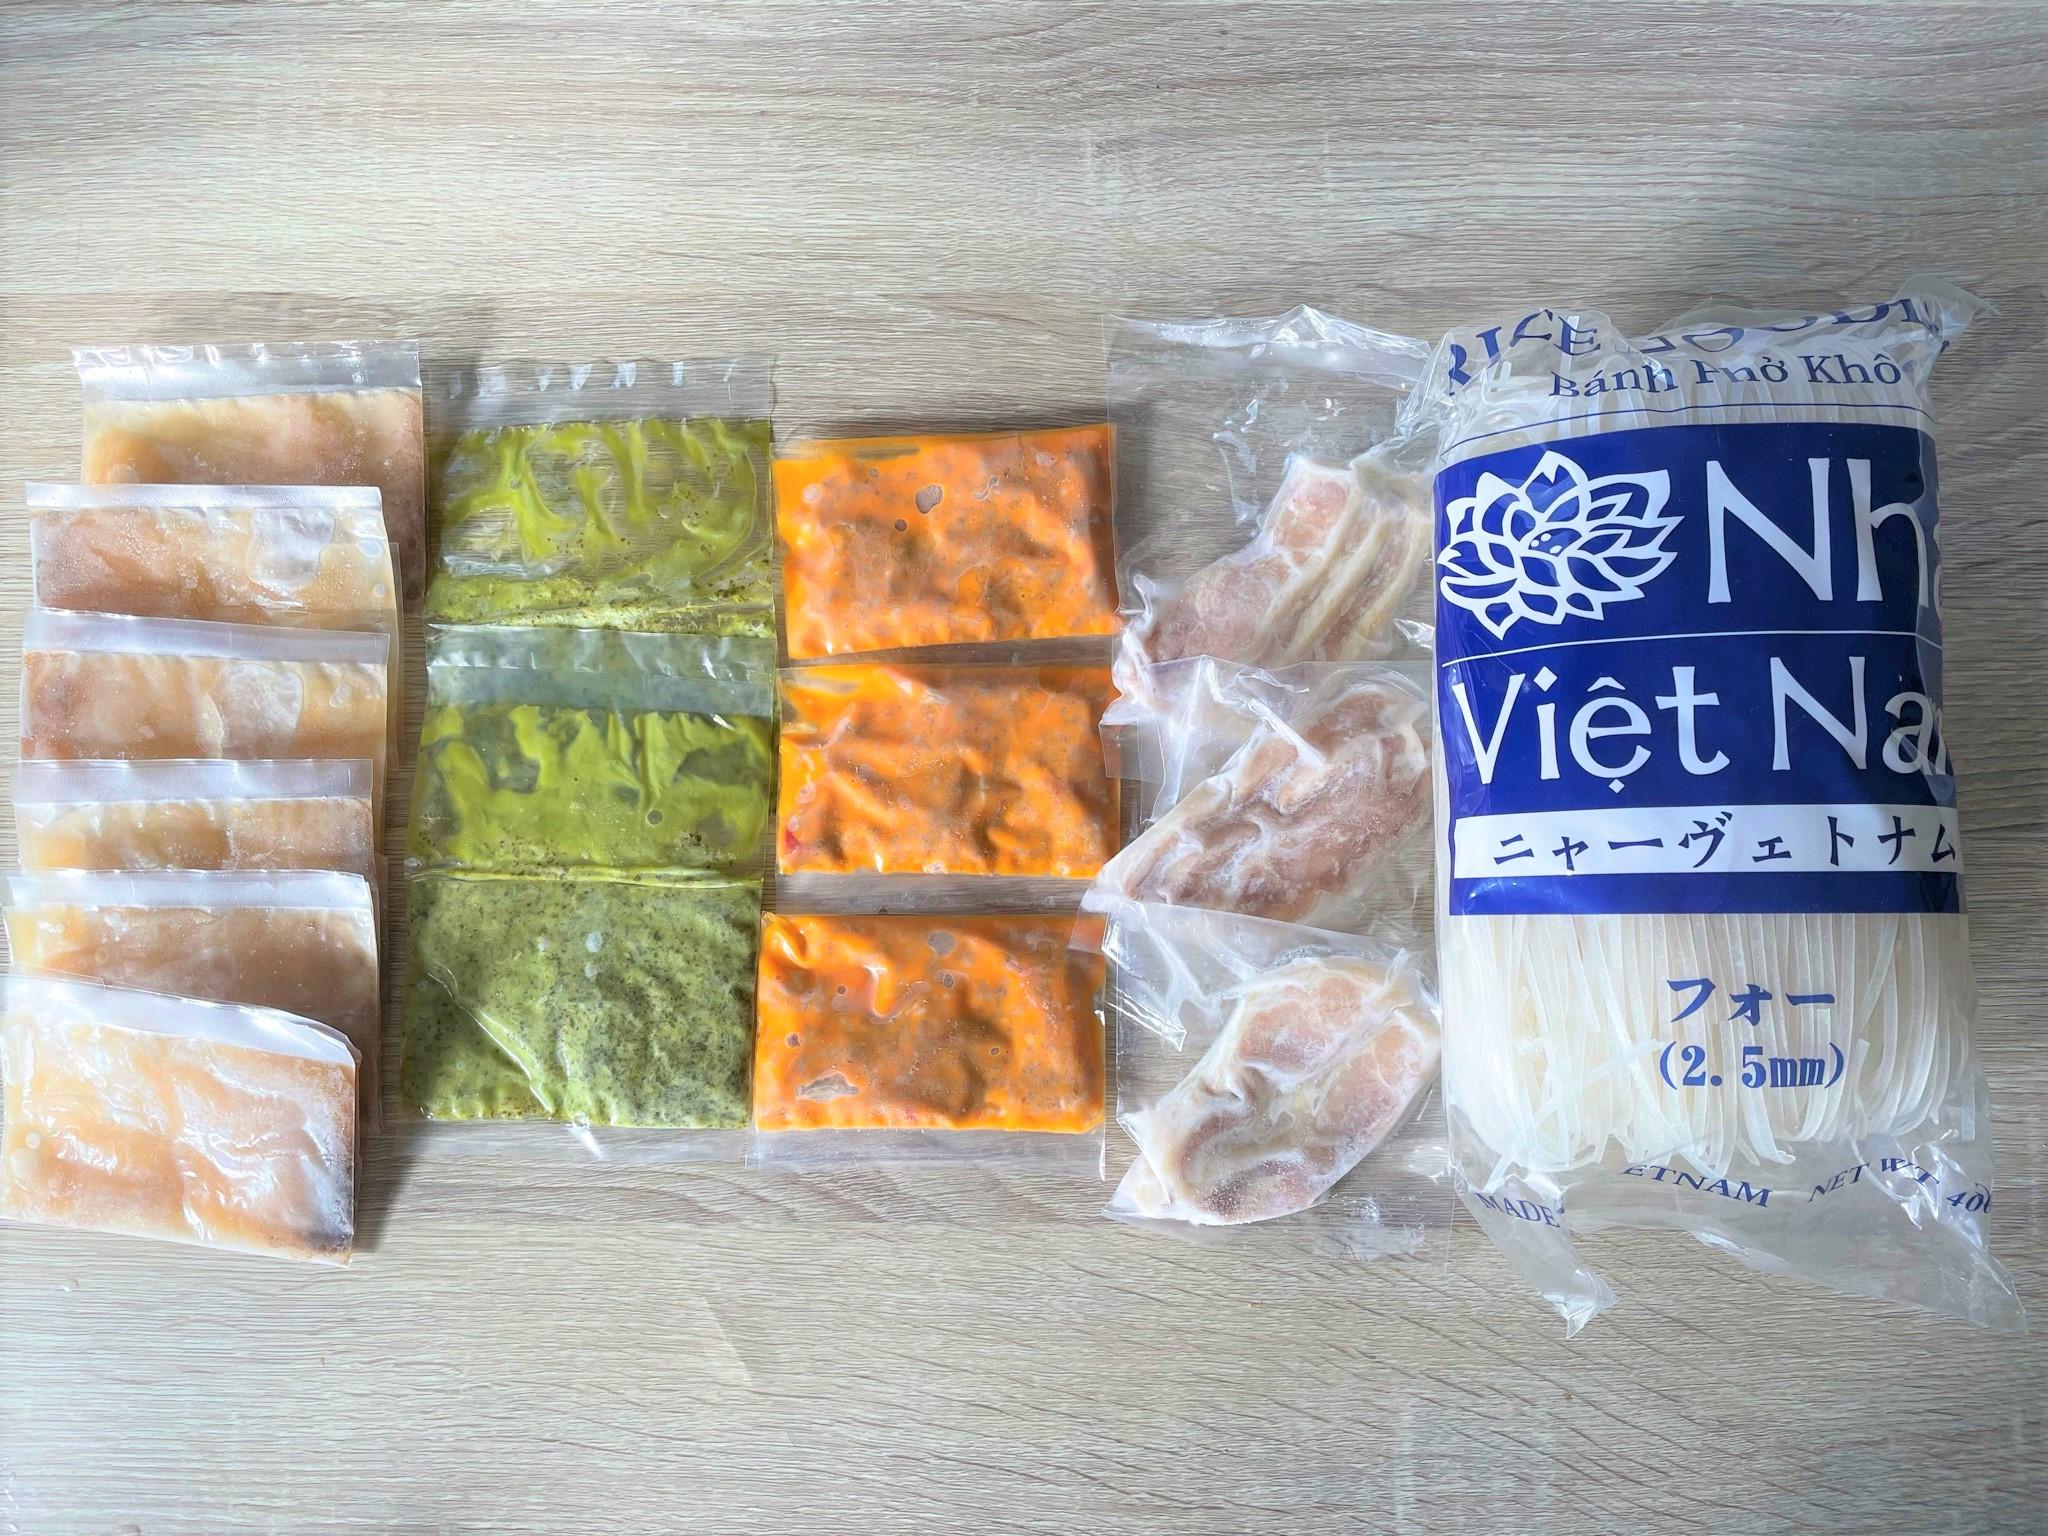 【通販】東京・恵比須のベトナム料理レストラン「ニャーヴェトナム【通販】東京・恵比須のベトナム料理レストラン「ニャーヴェトナム」のフォーセットを試してみました。」のフォーセットを試してみました。